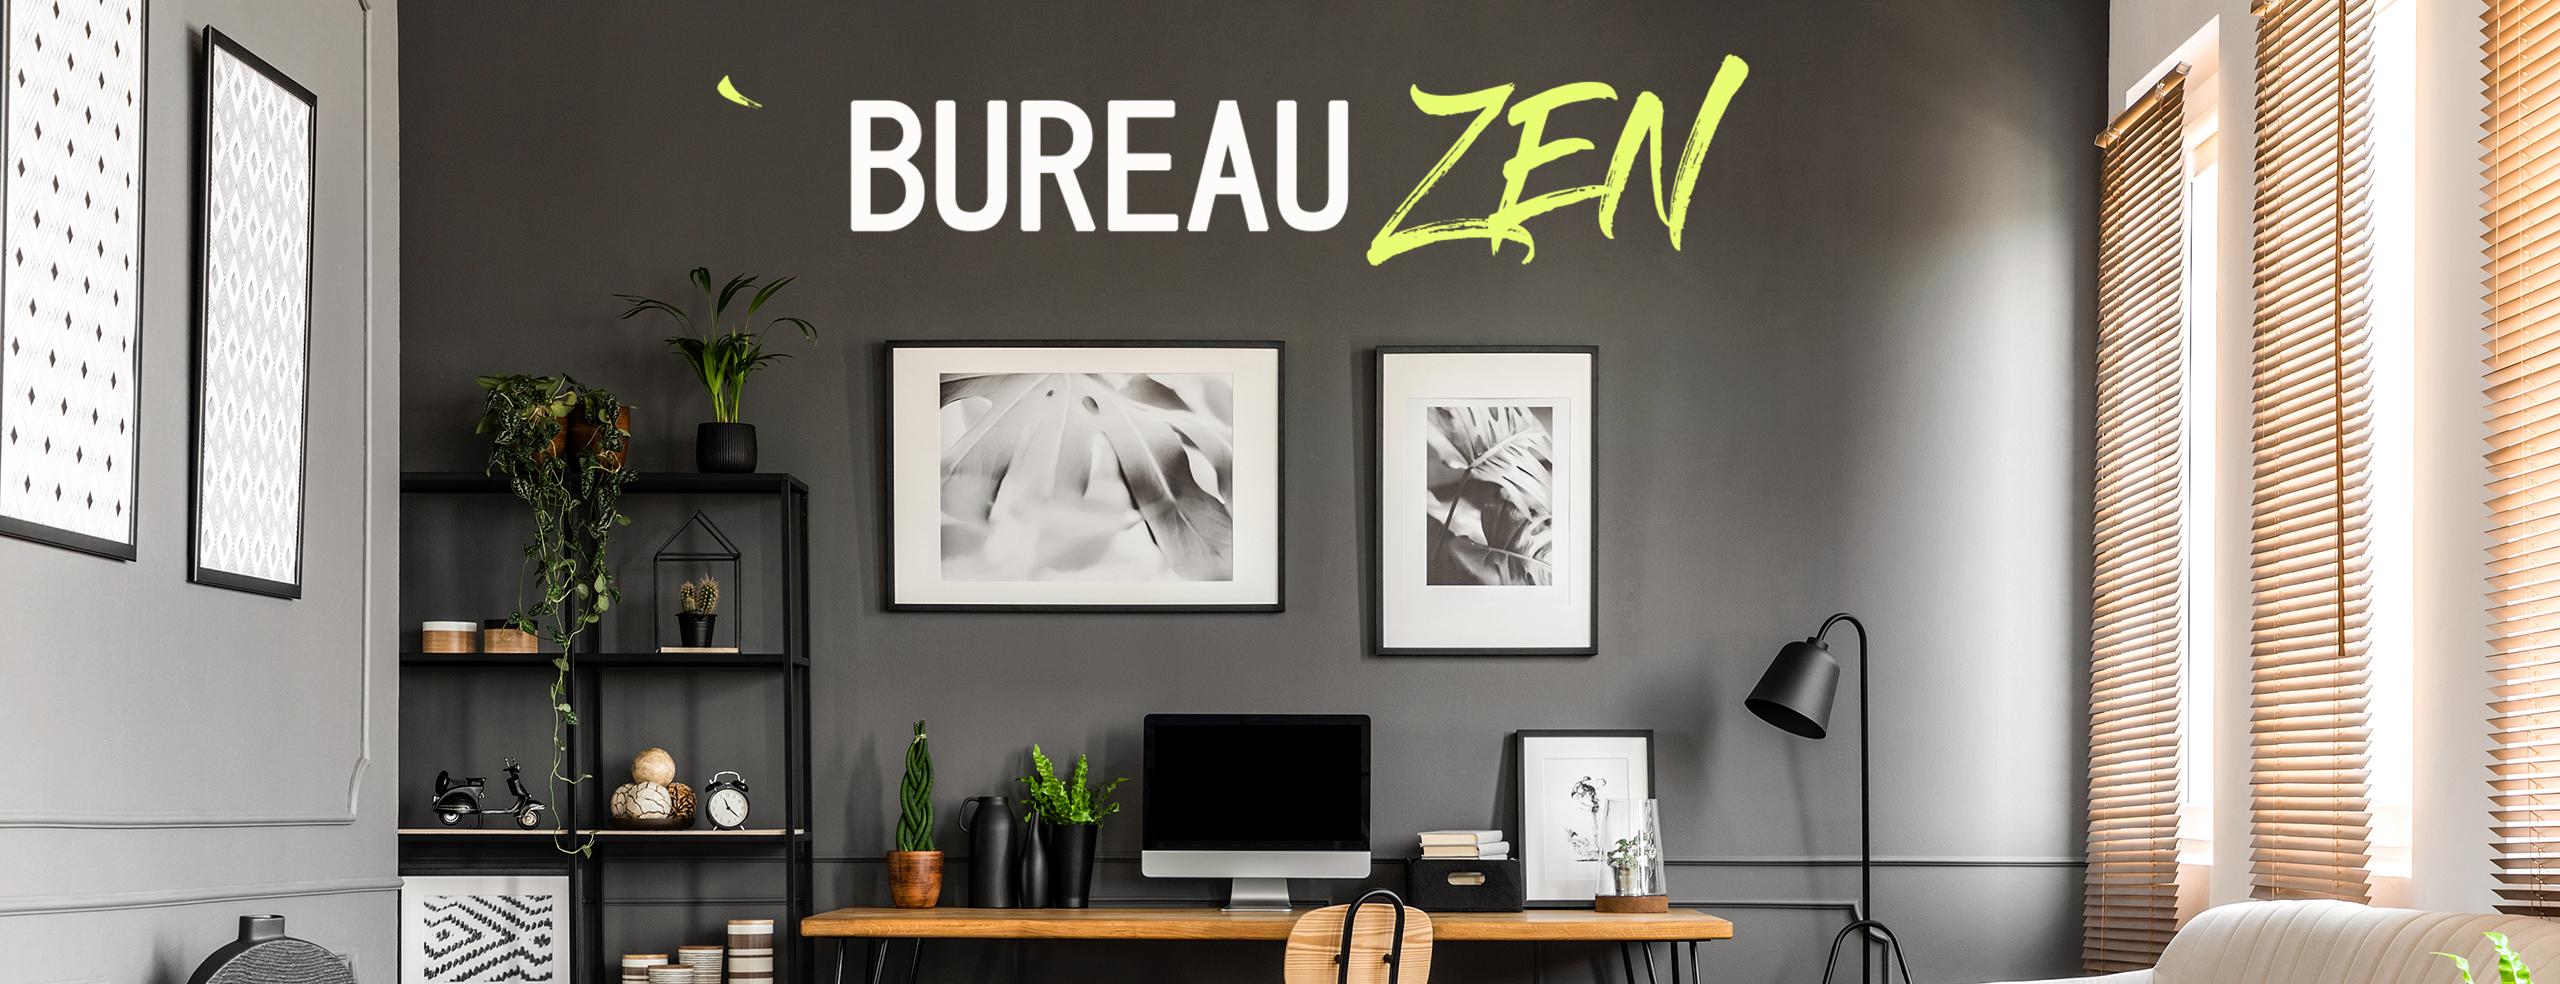 Formation en ligne à distance escale design et deco décoration maison décoratrice bureau zen